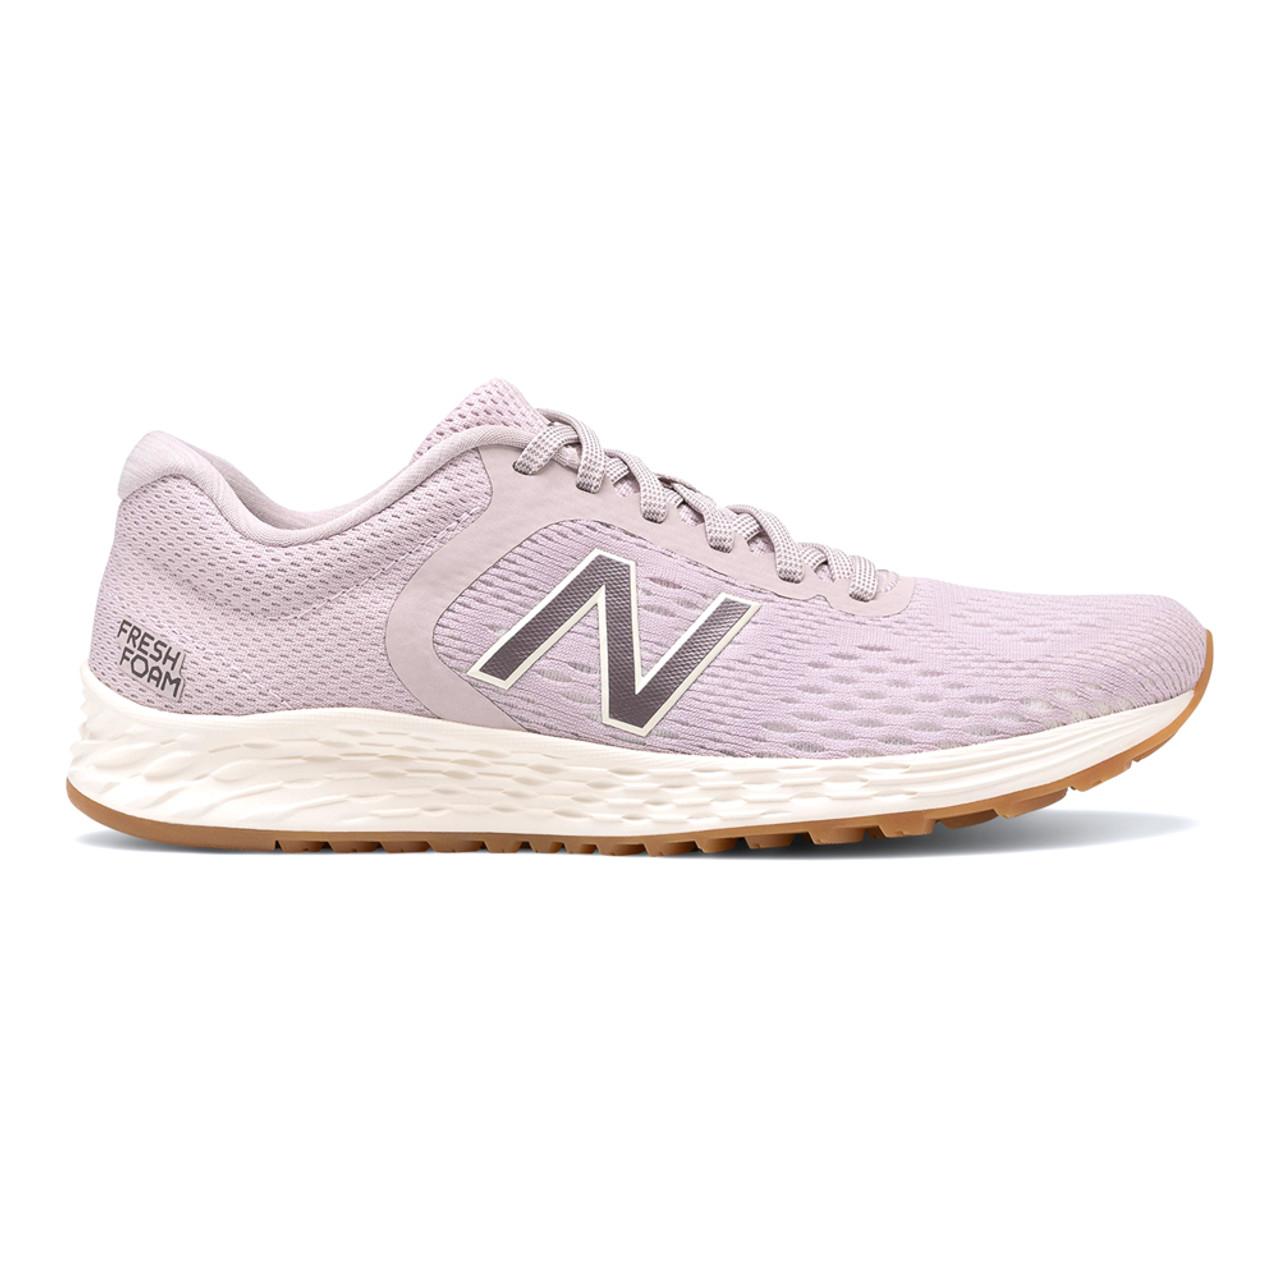 New Balance Women's WARISRP2 Running